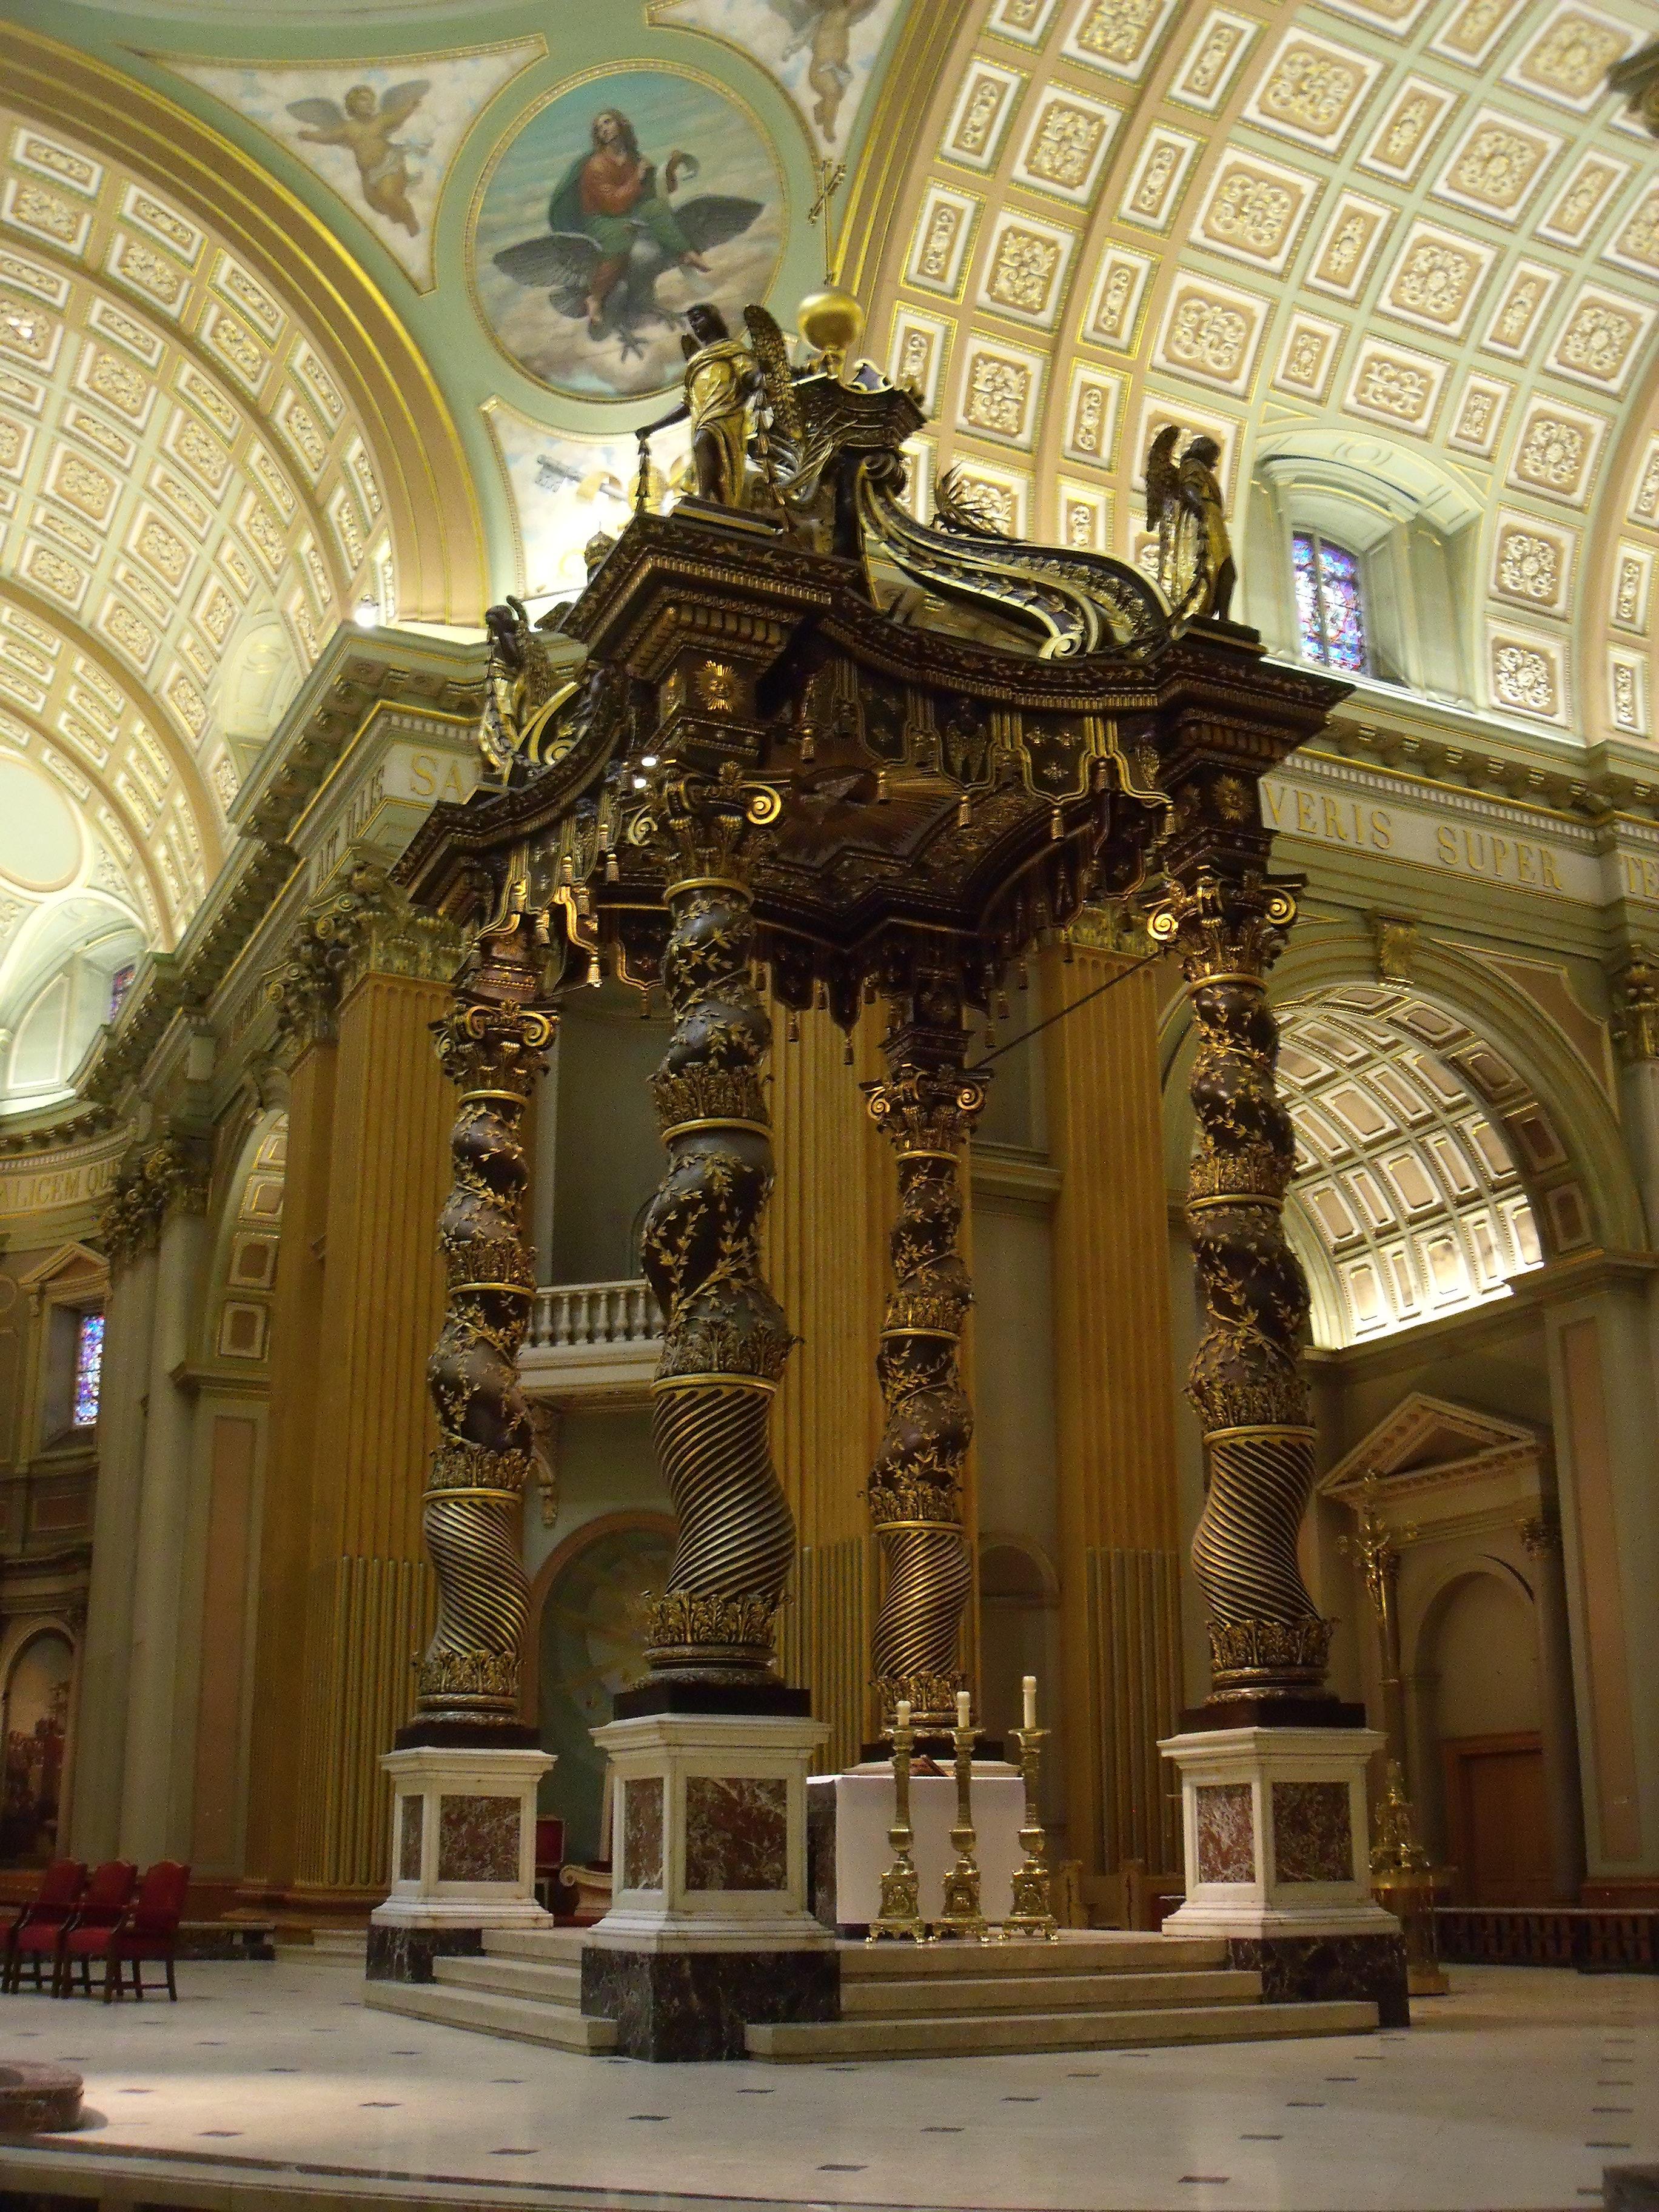 File:Baldaquin - Cathédrale Marie-Reine-du-Monde.JPG - Wikimedia Commons